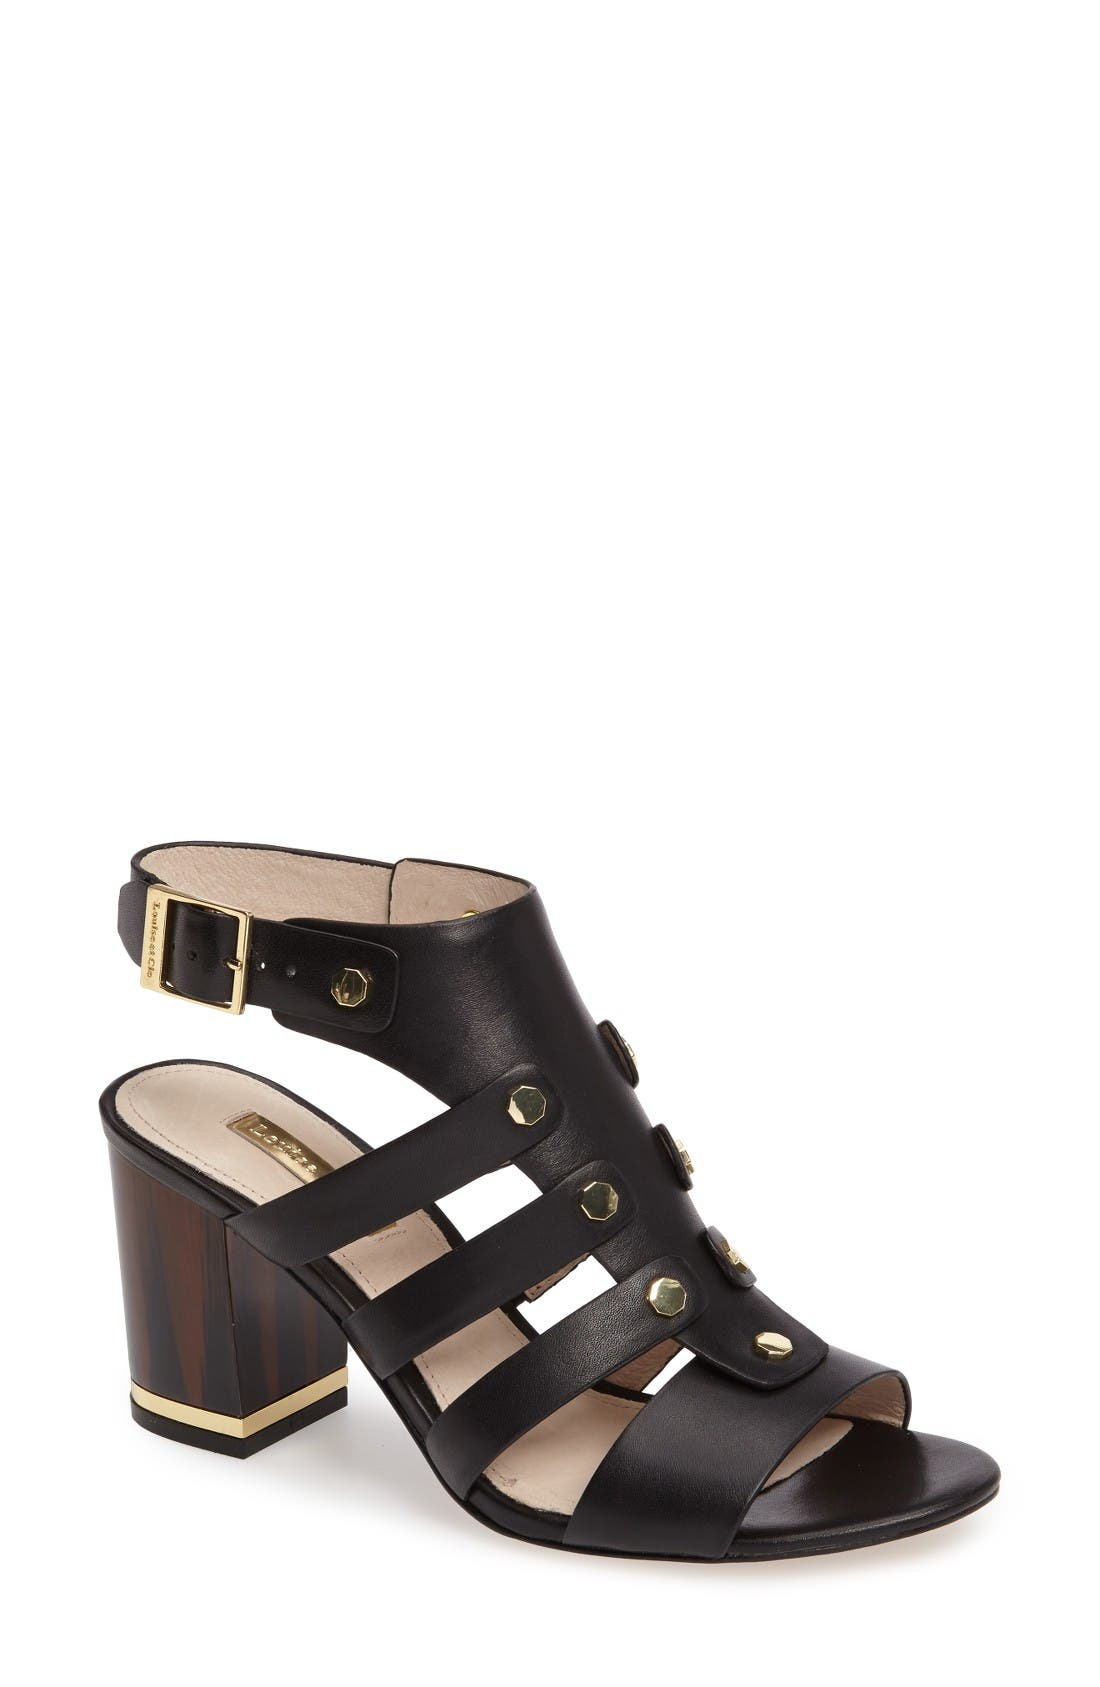 Main Image - Louise et Cie Vira Block Heel Sandal (Women)